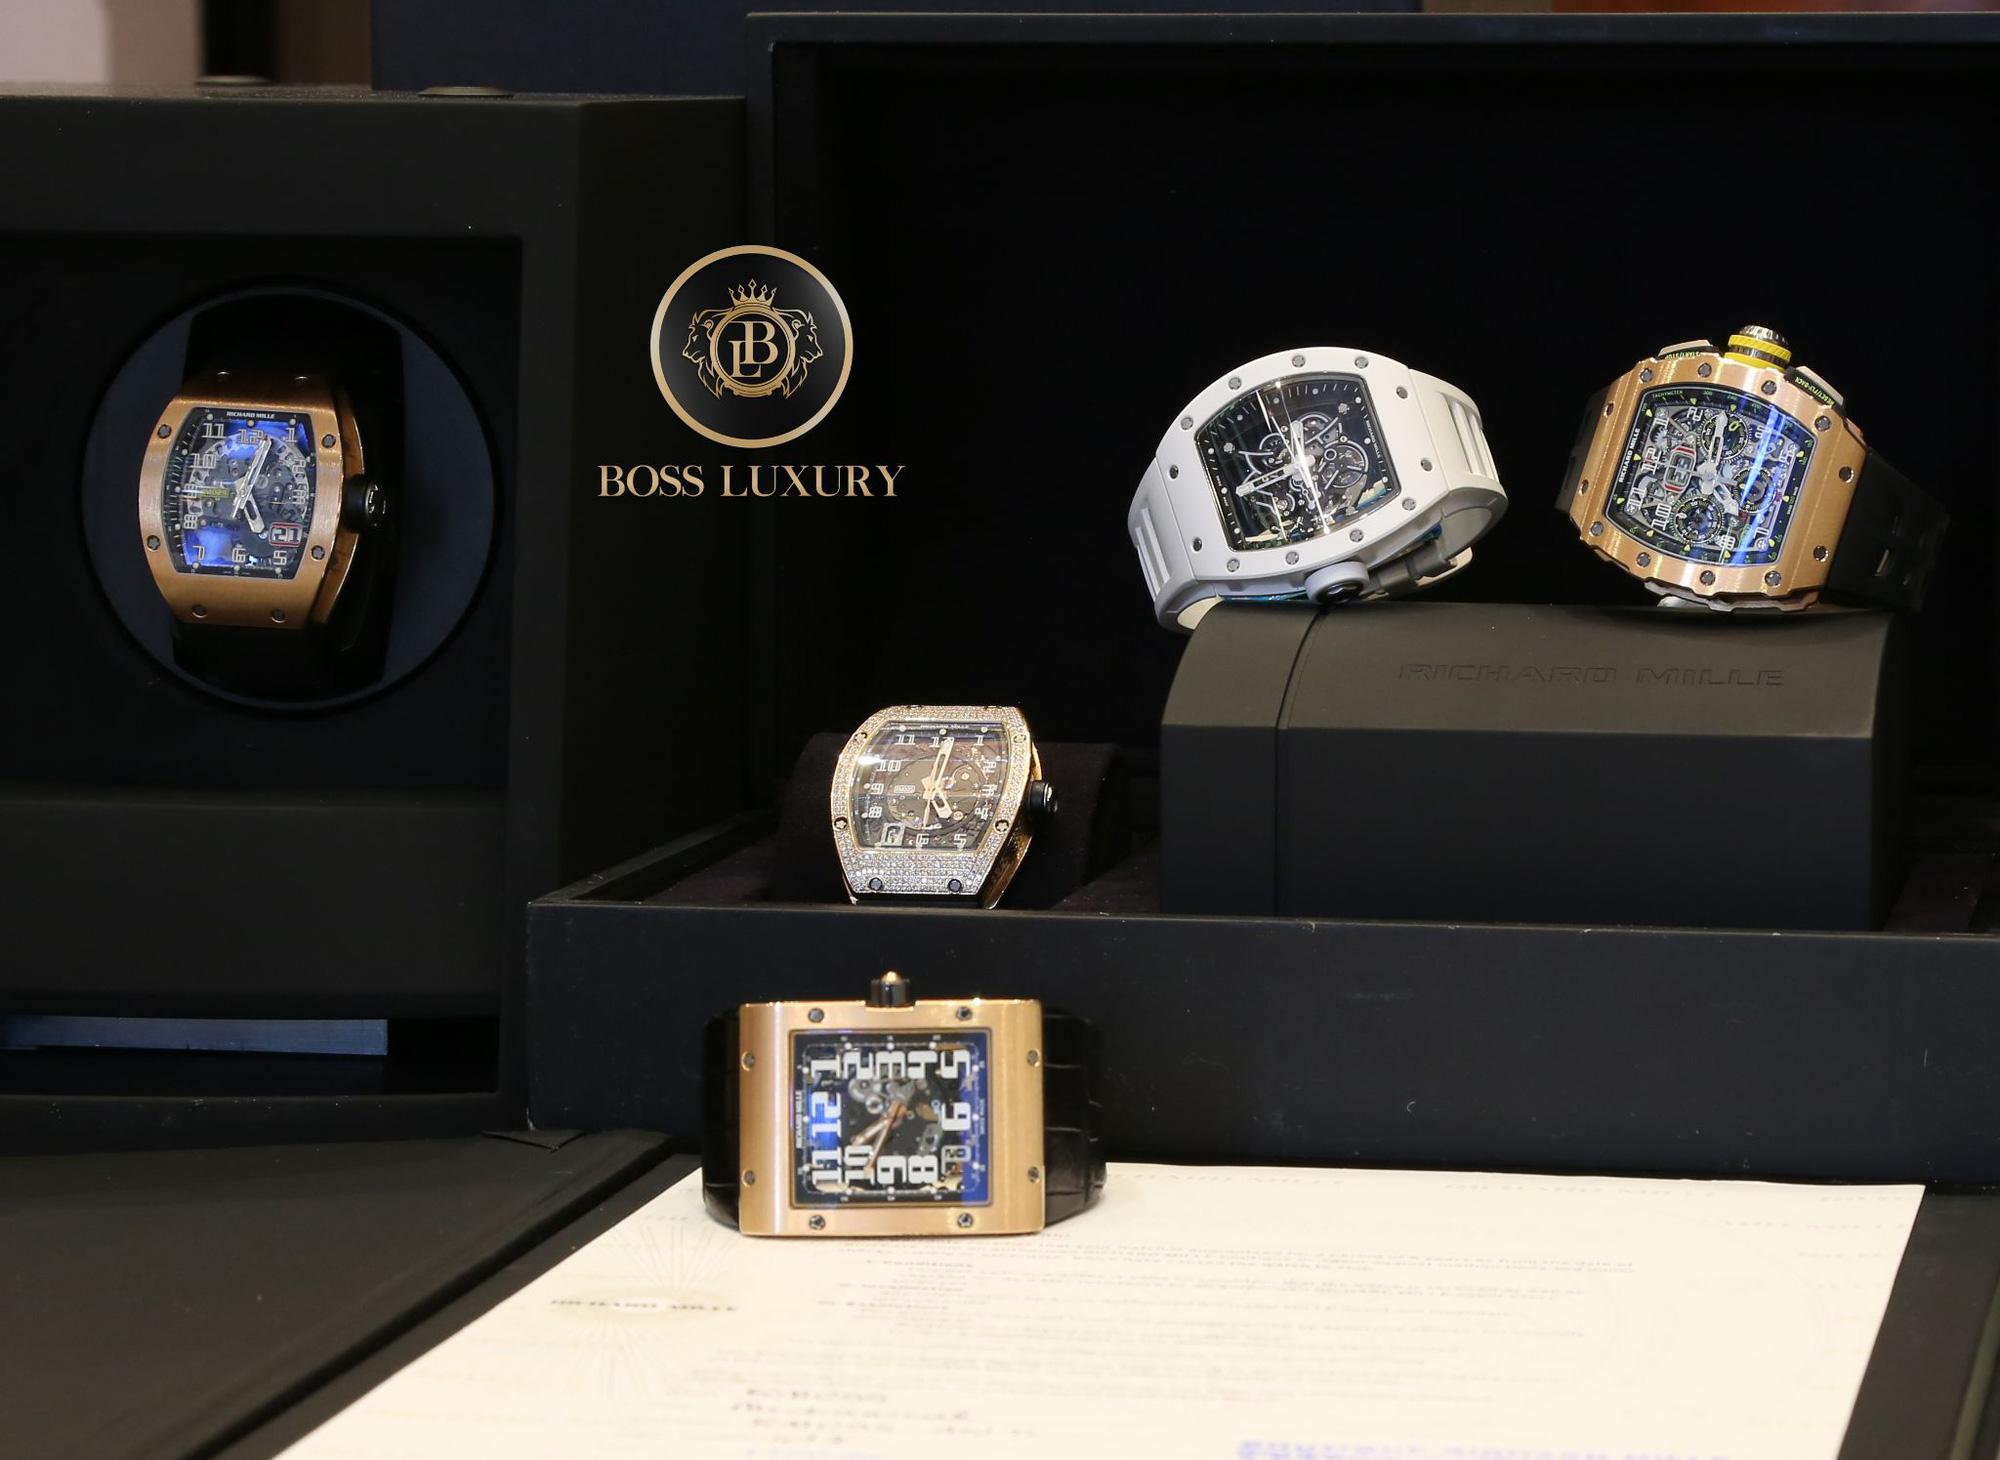 Đồng hồ Richard Mille và những dấu ấn khó quên tại Boss Luxury trong 4 tháng đầu năm 2021 - Ảnh 1.